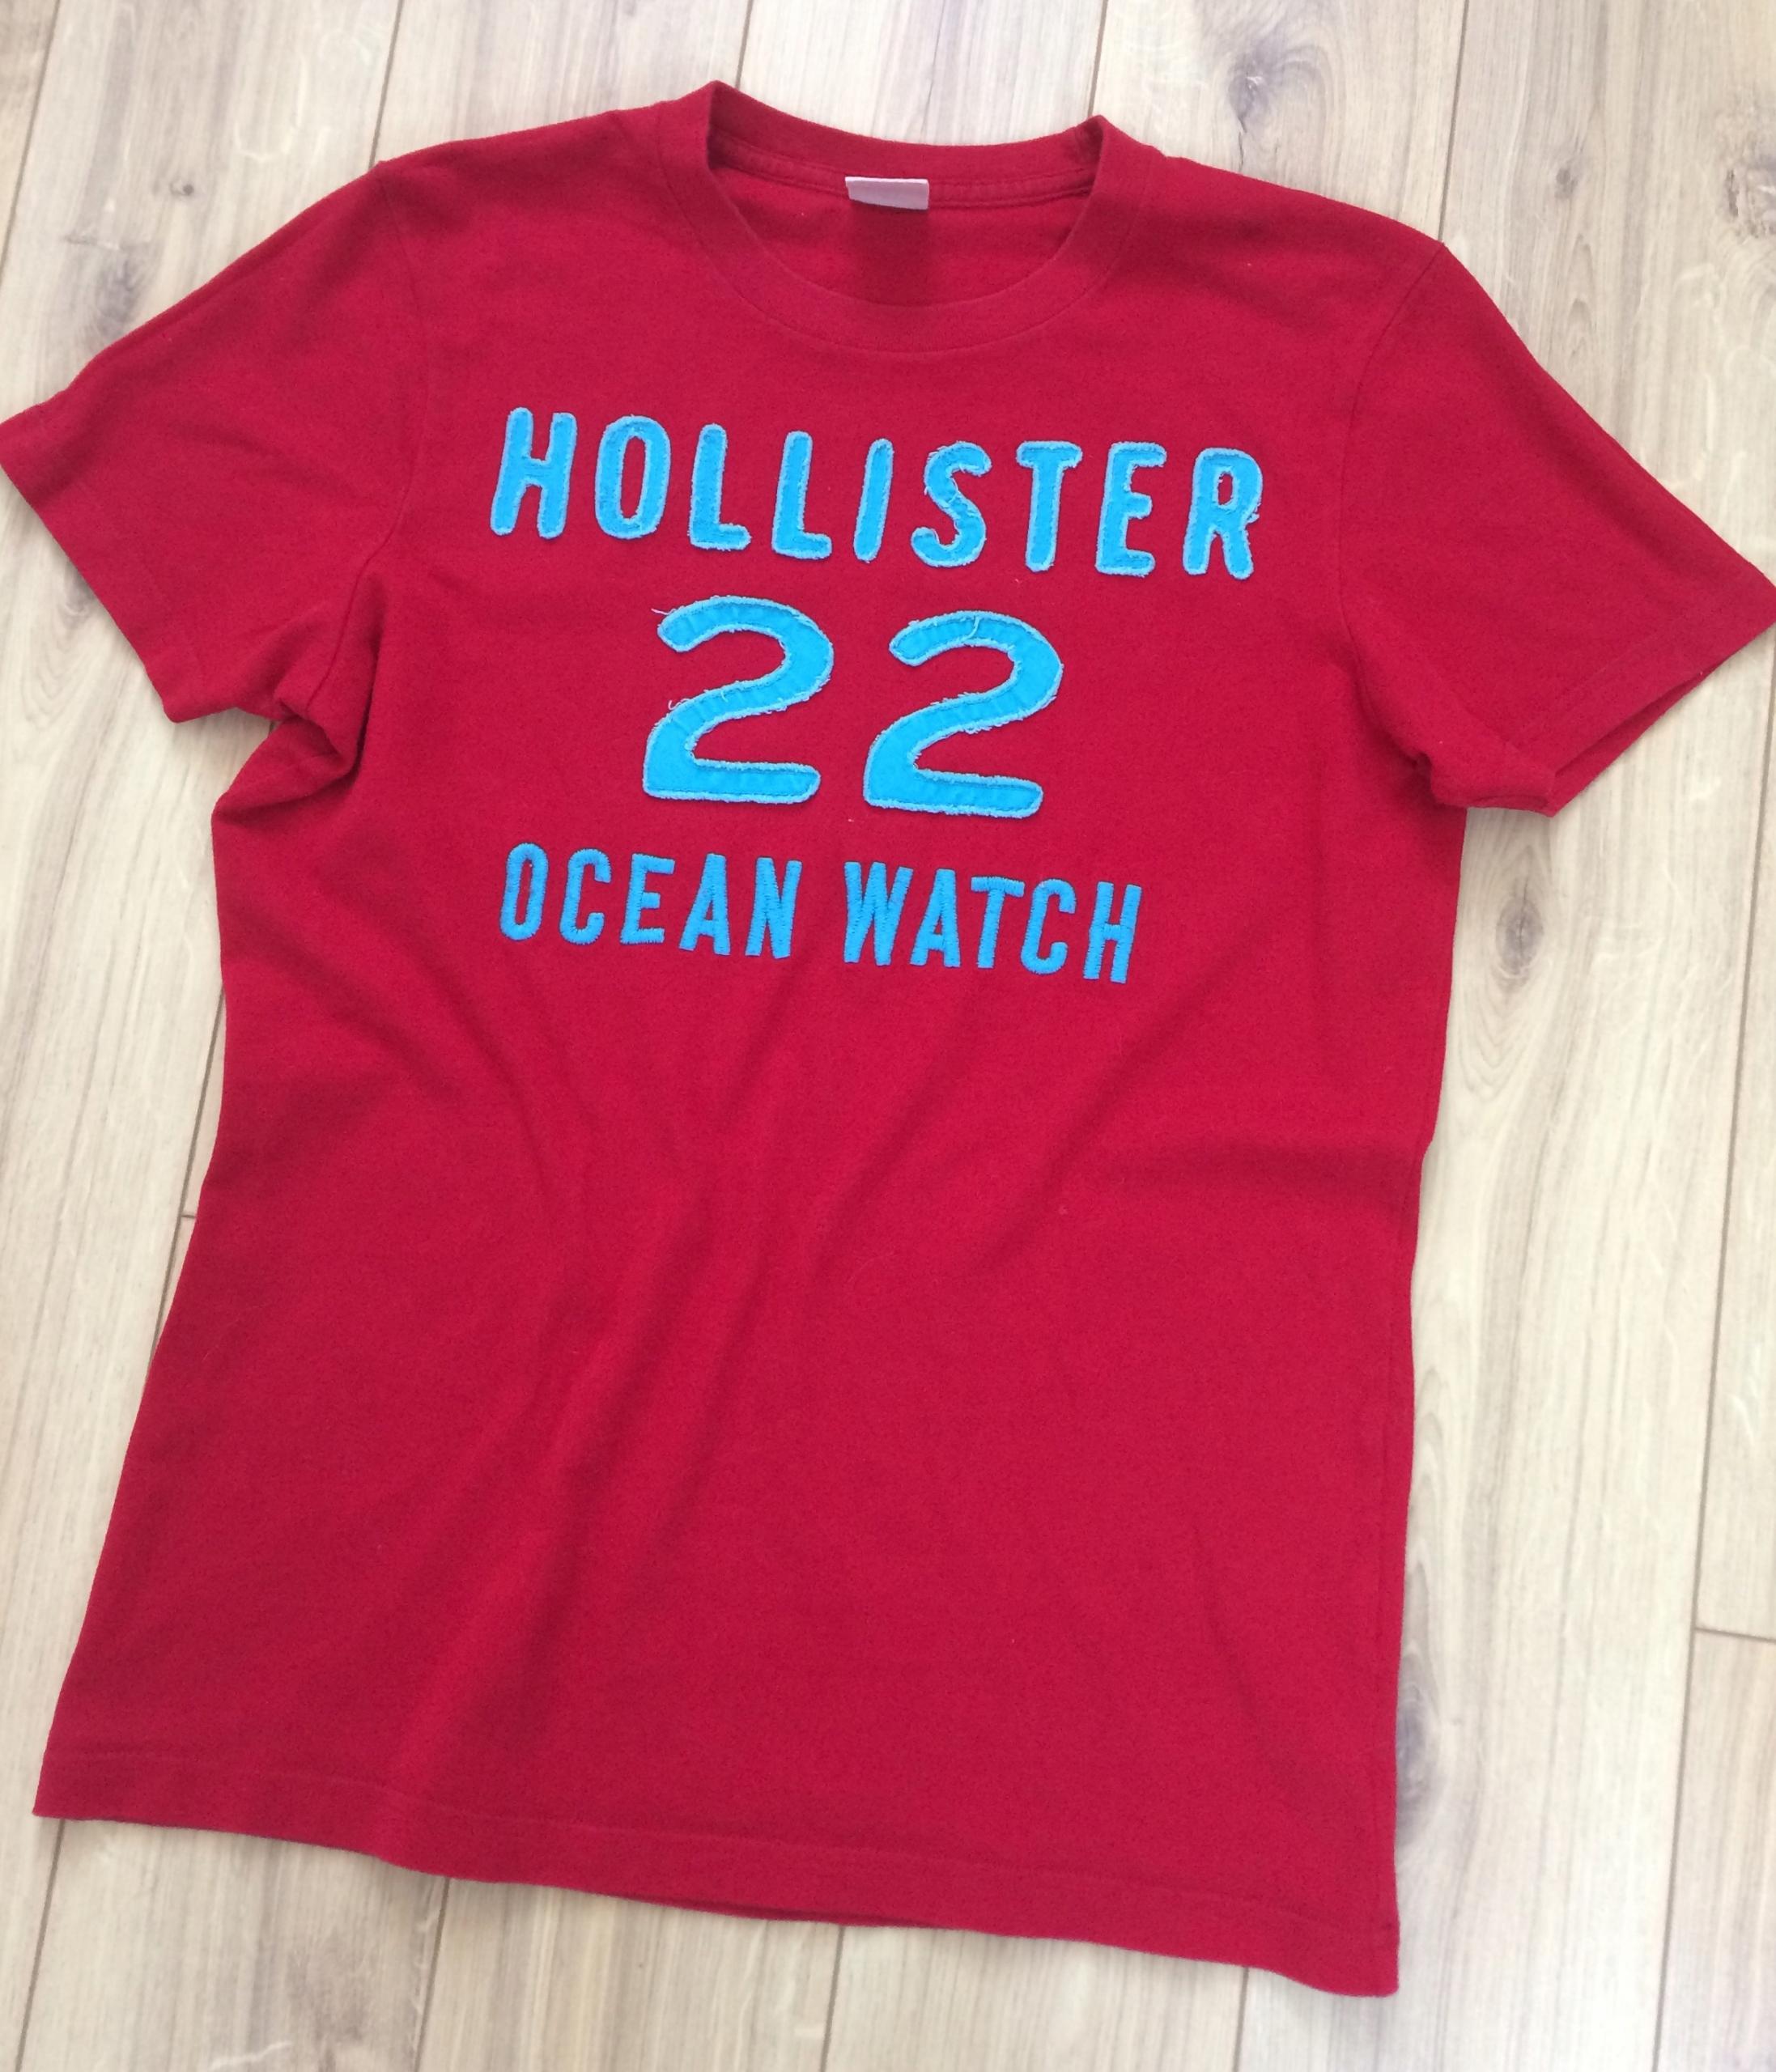 Hollister_T-shirt_S